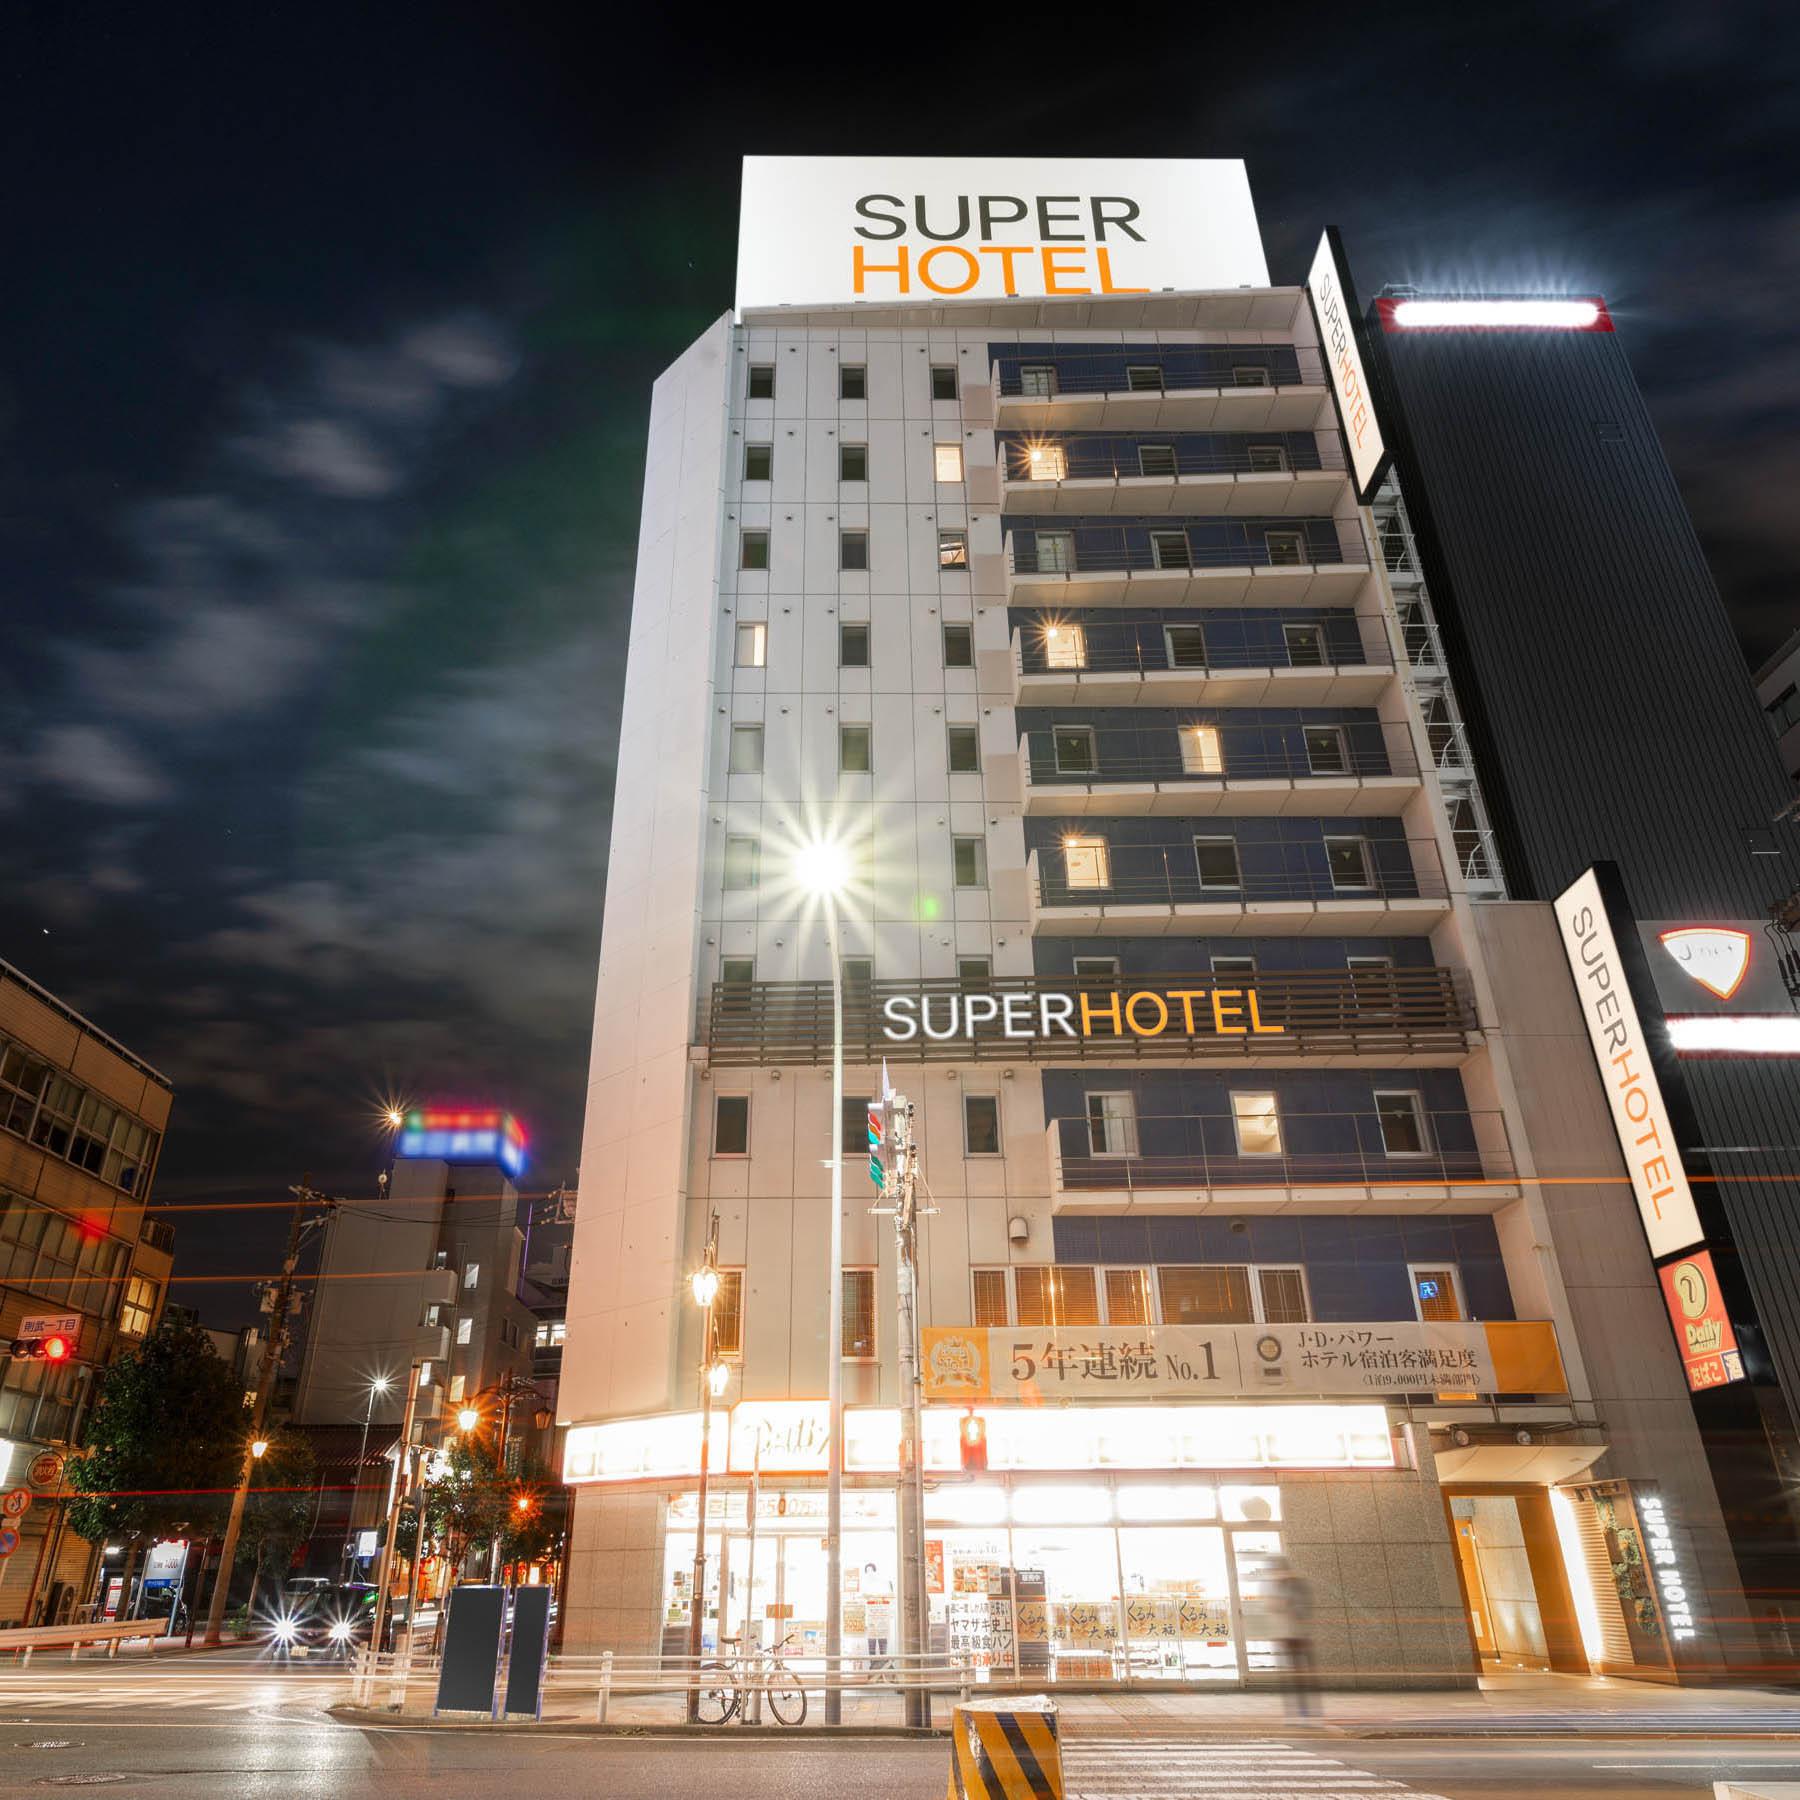 スーパーホテル 名古屋駅前◆楽天トラベル